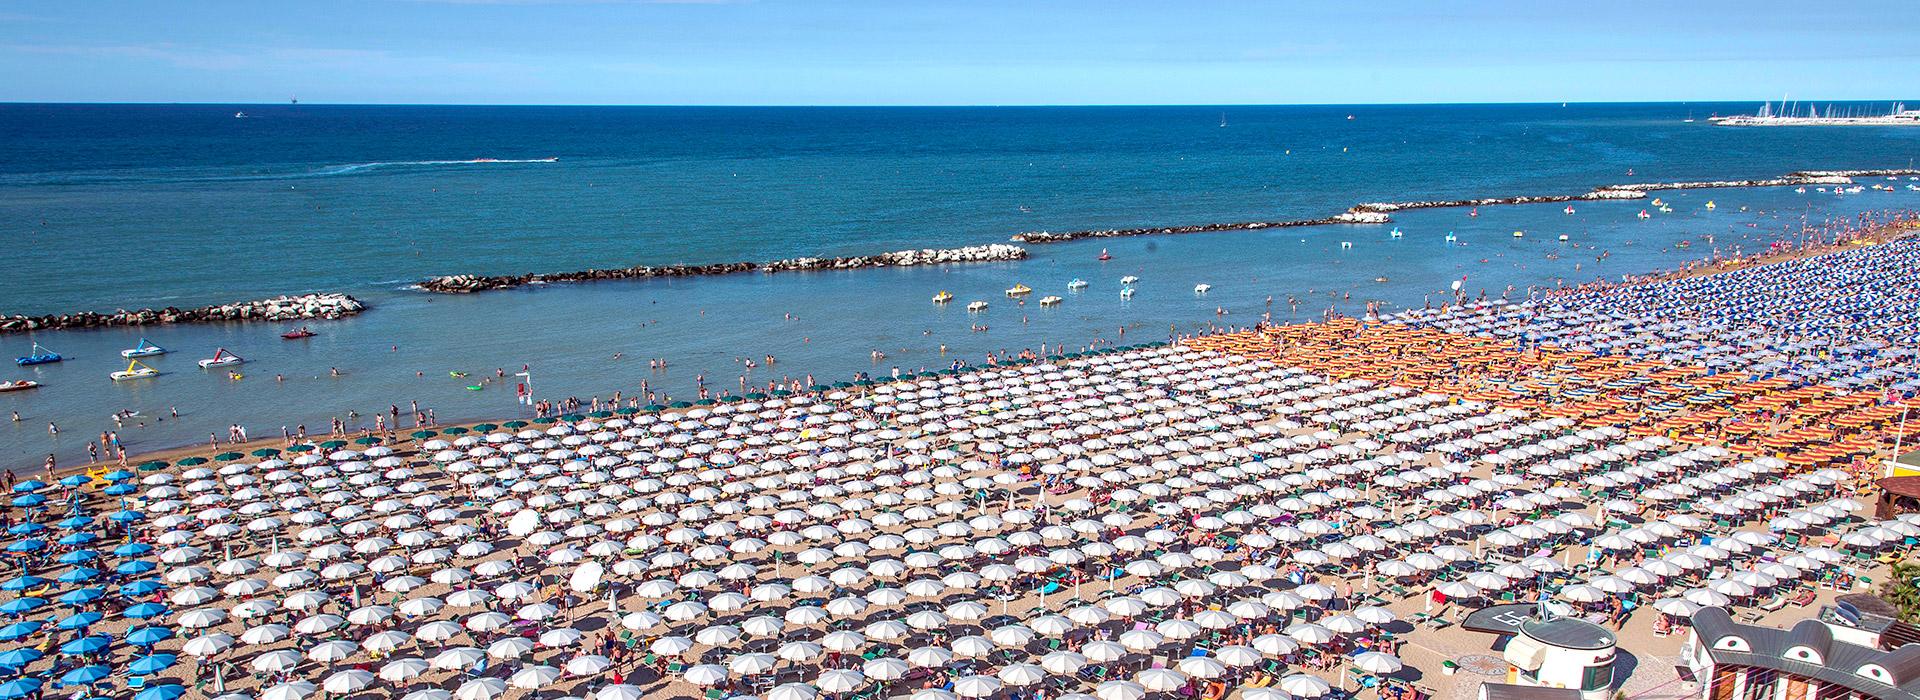 Hotel Vicino al Mare Cattolica Baia Marina